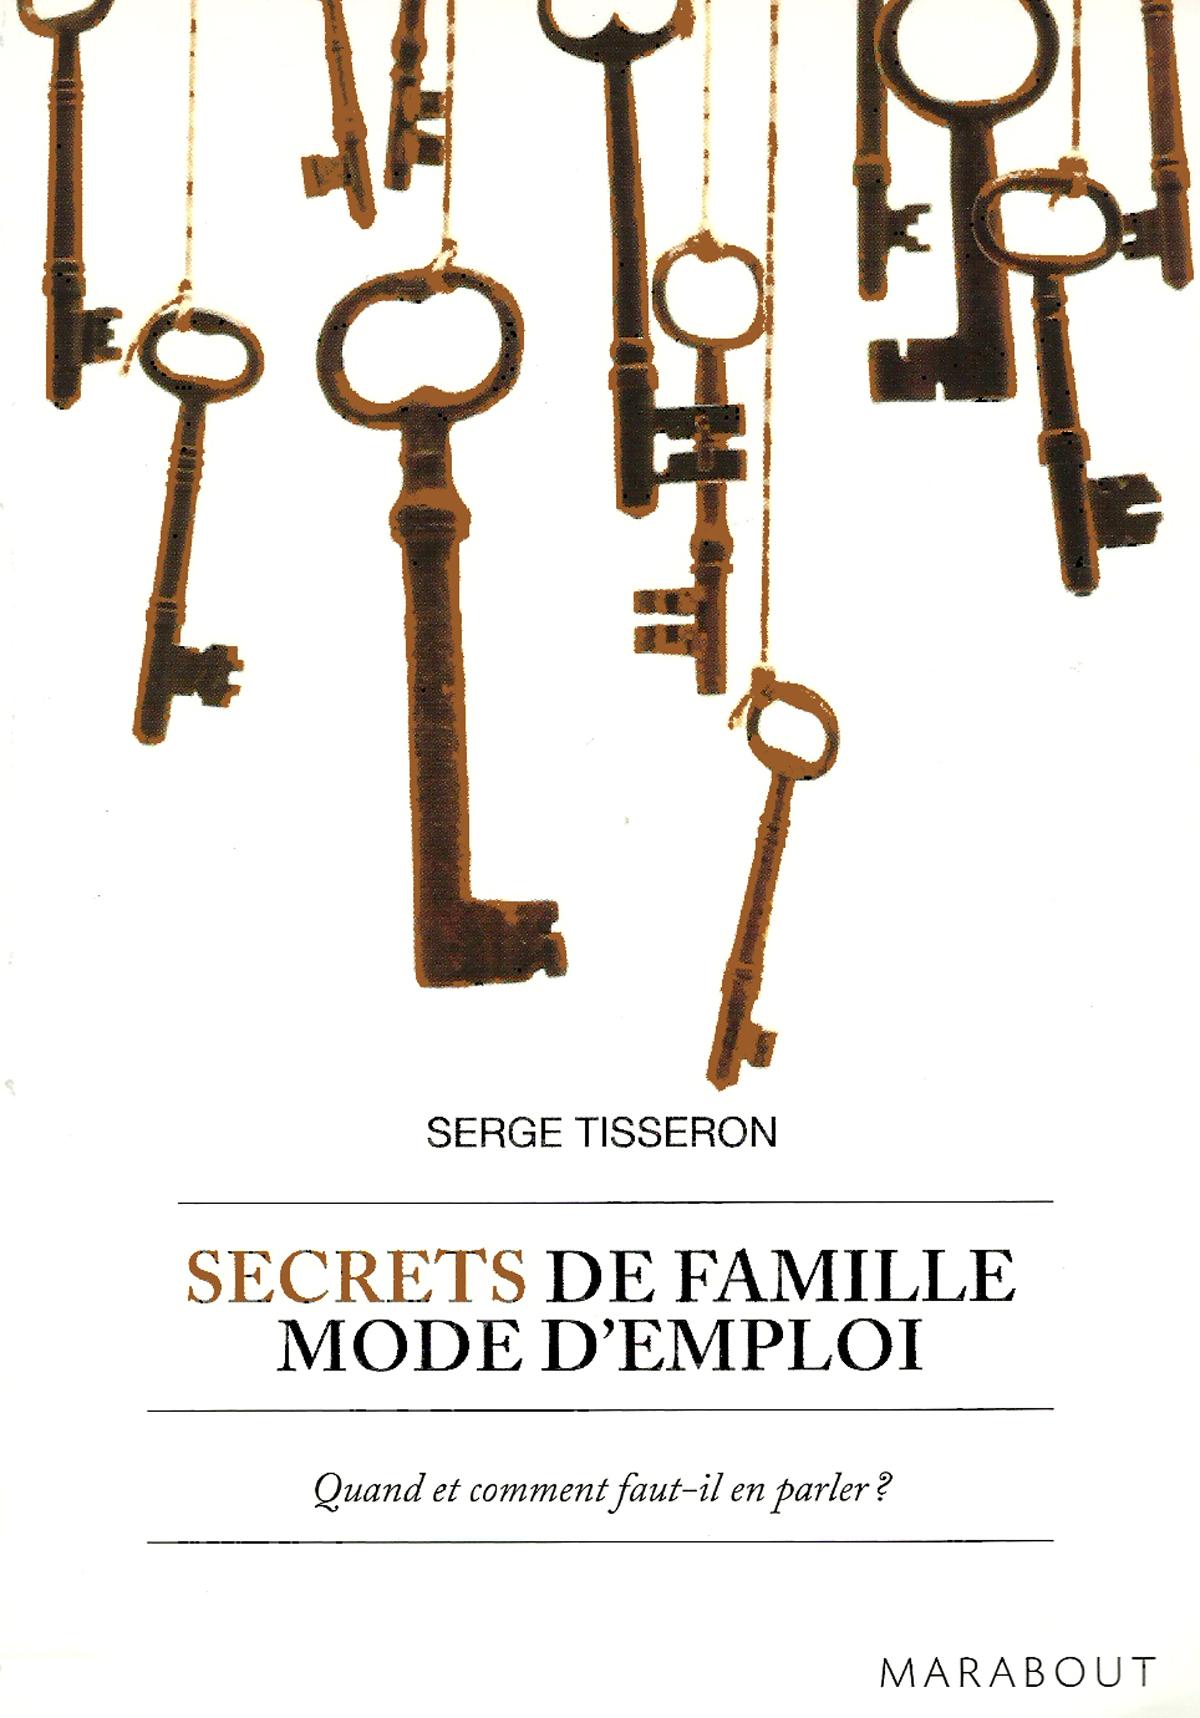 Secrets de famille, Mode d'emploi